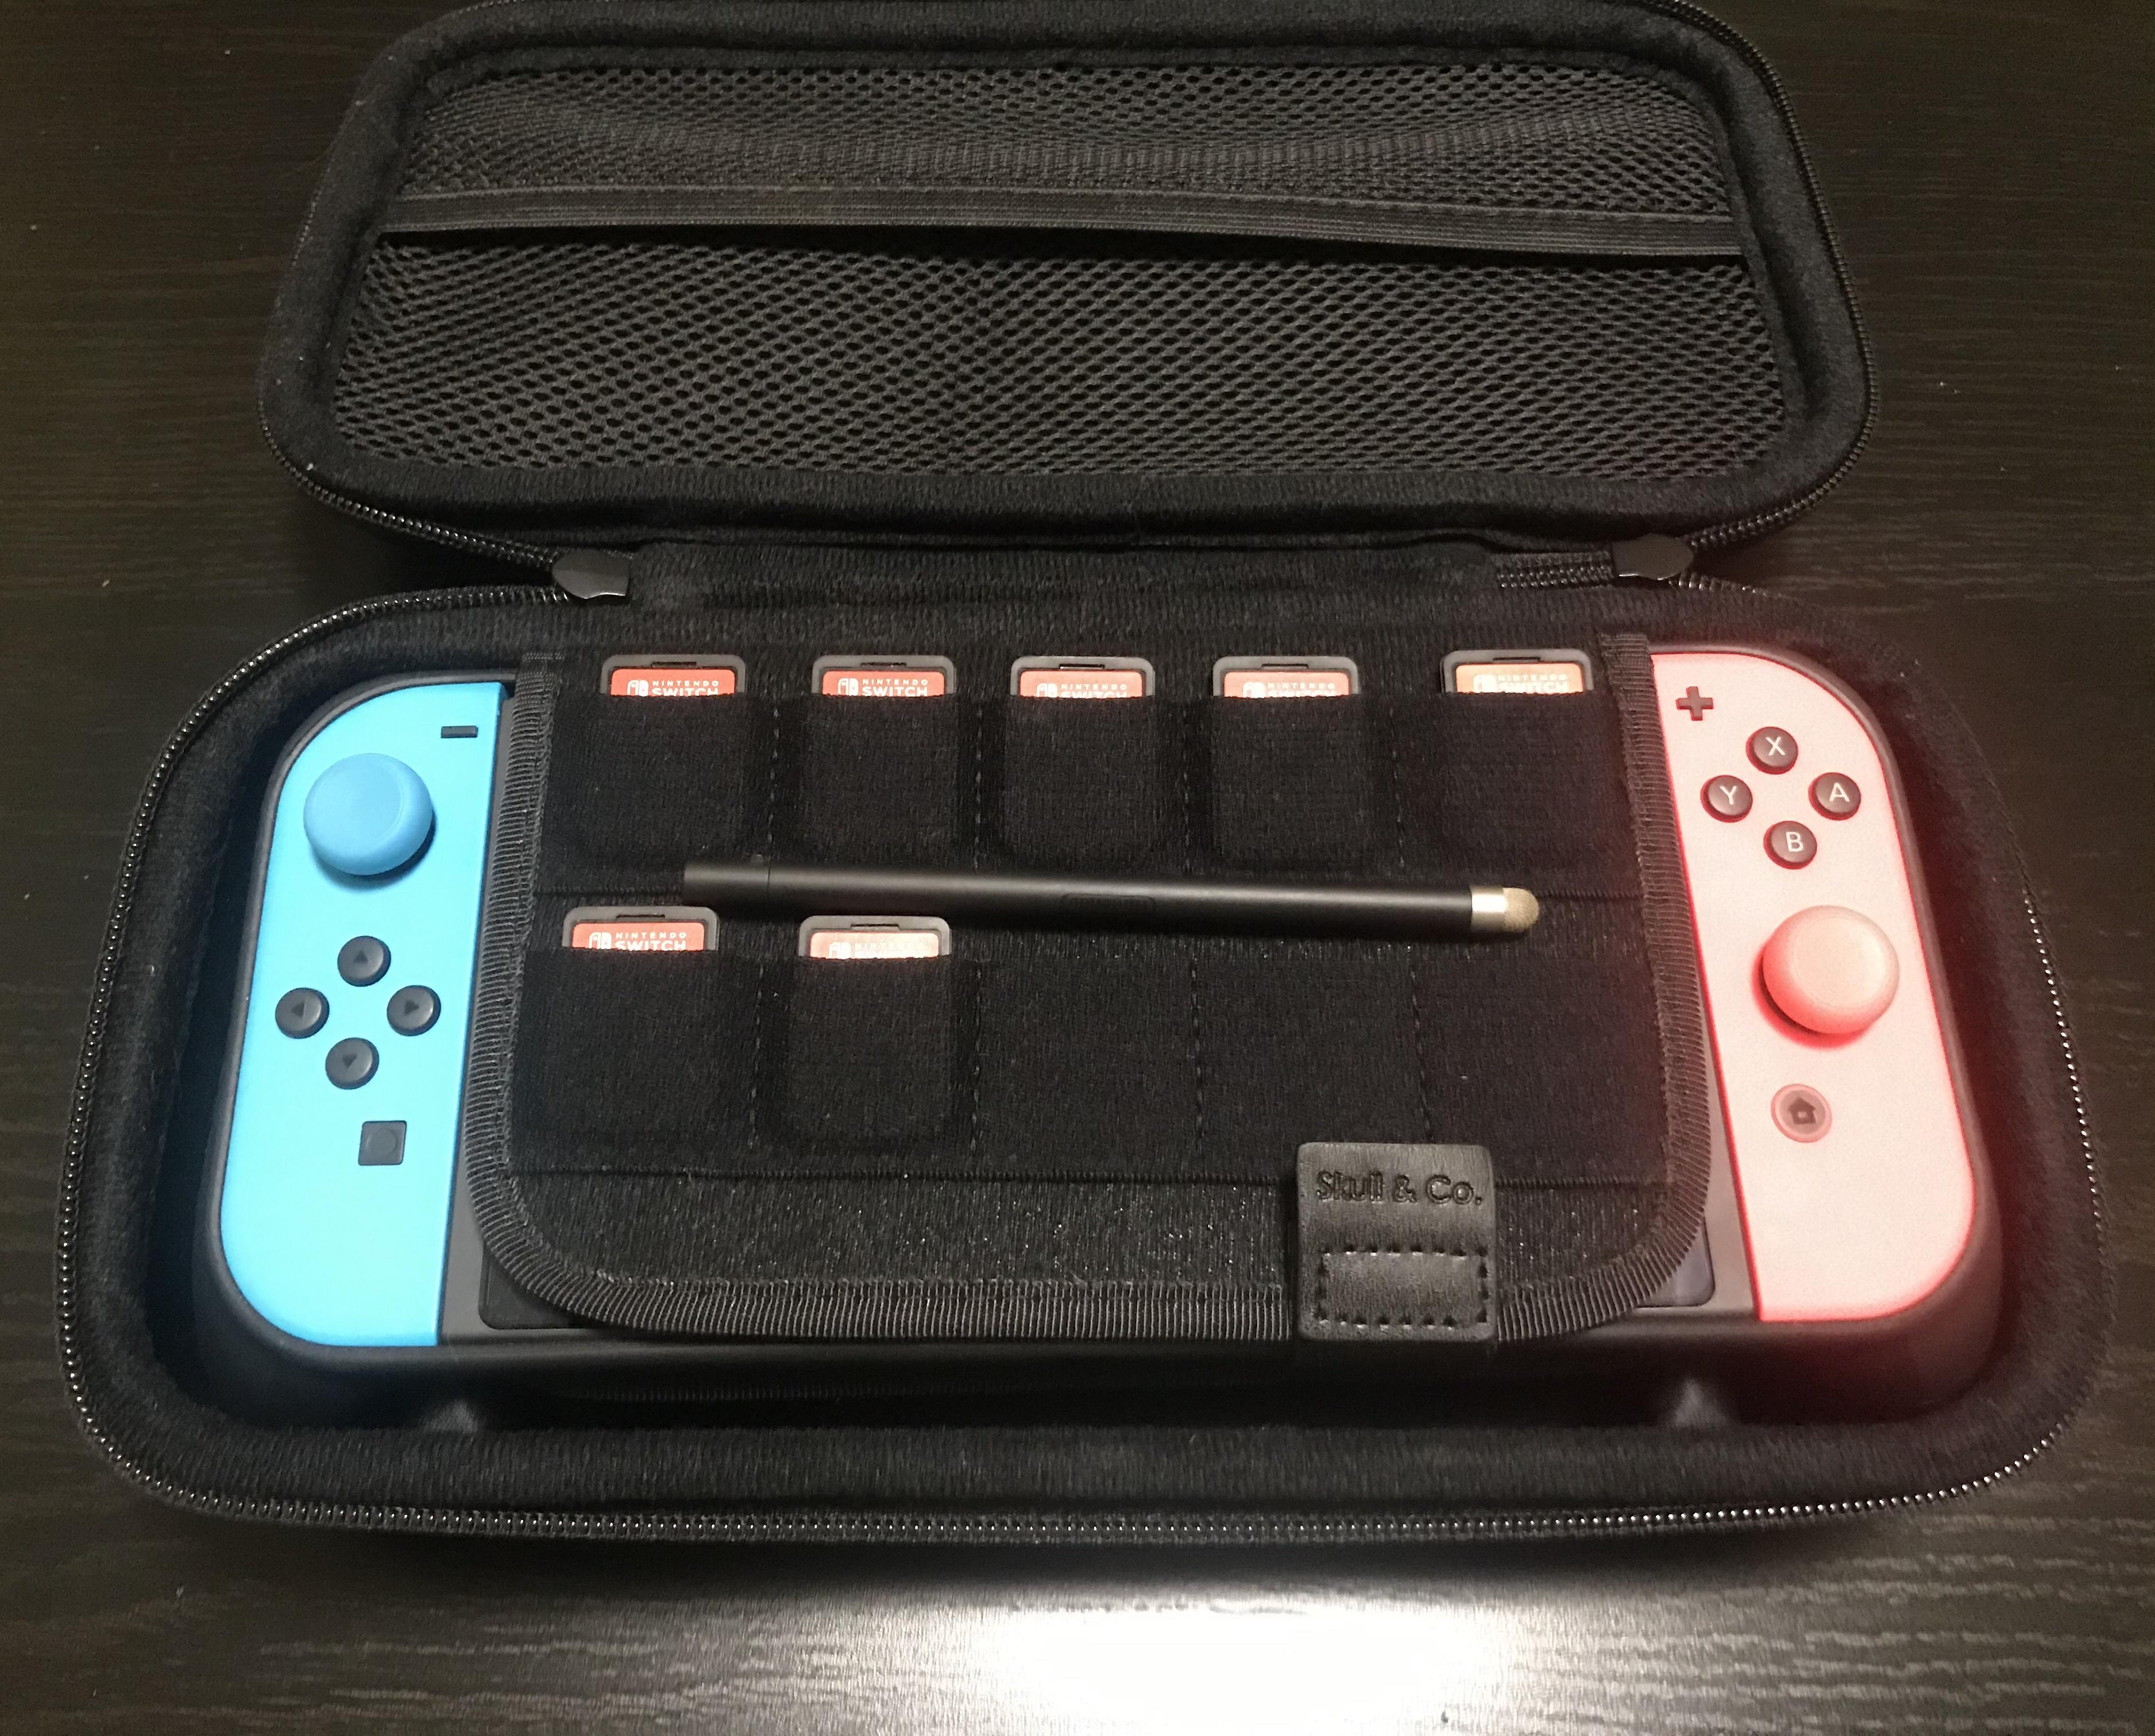 Обзор чехла для Nintendo Switch от Skull & Co 9